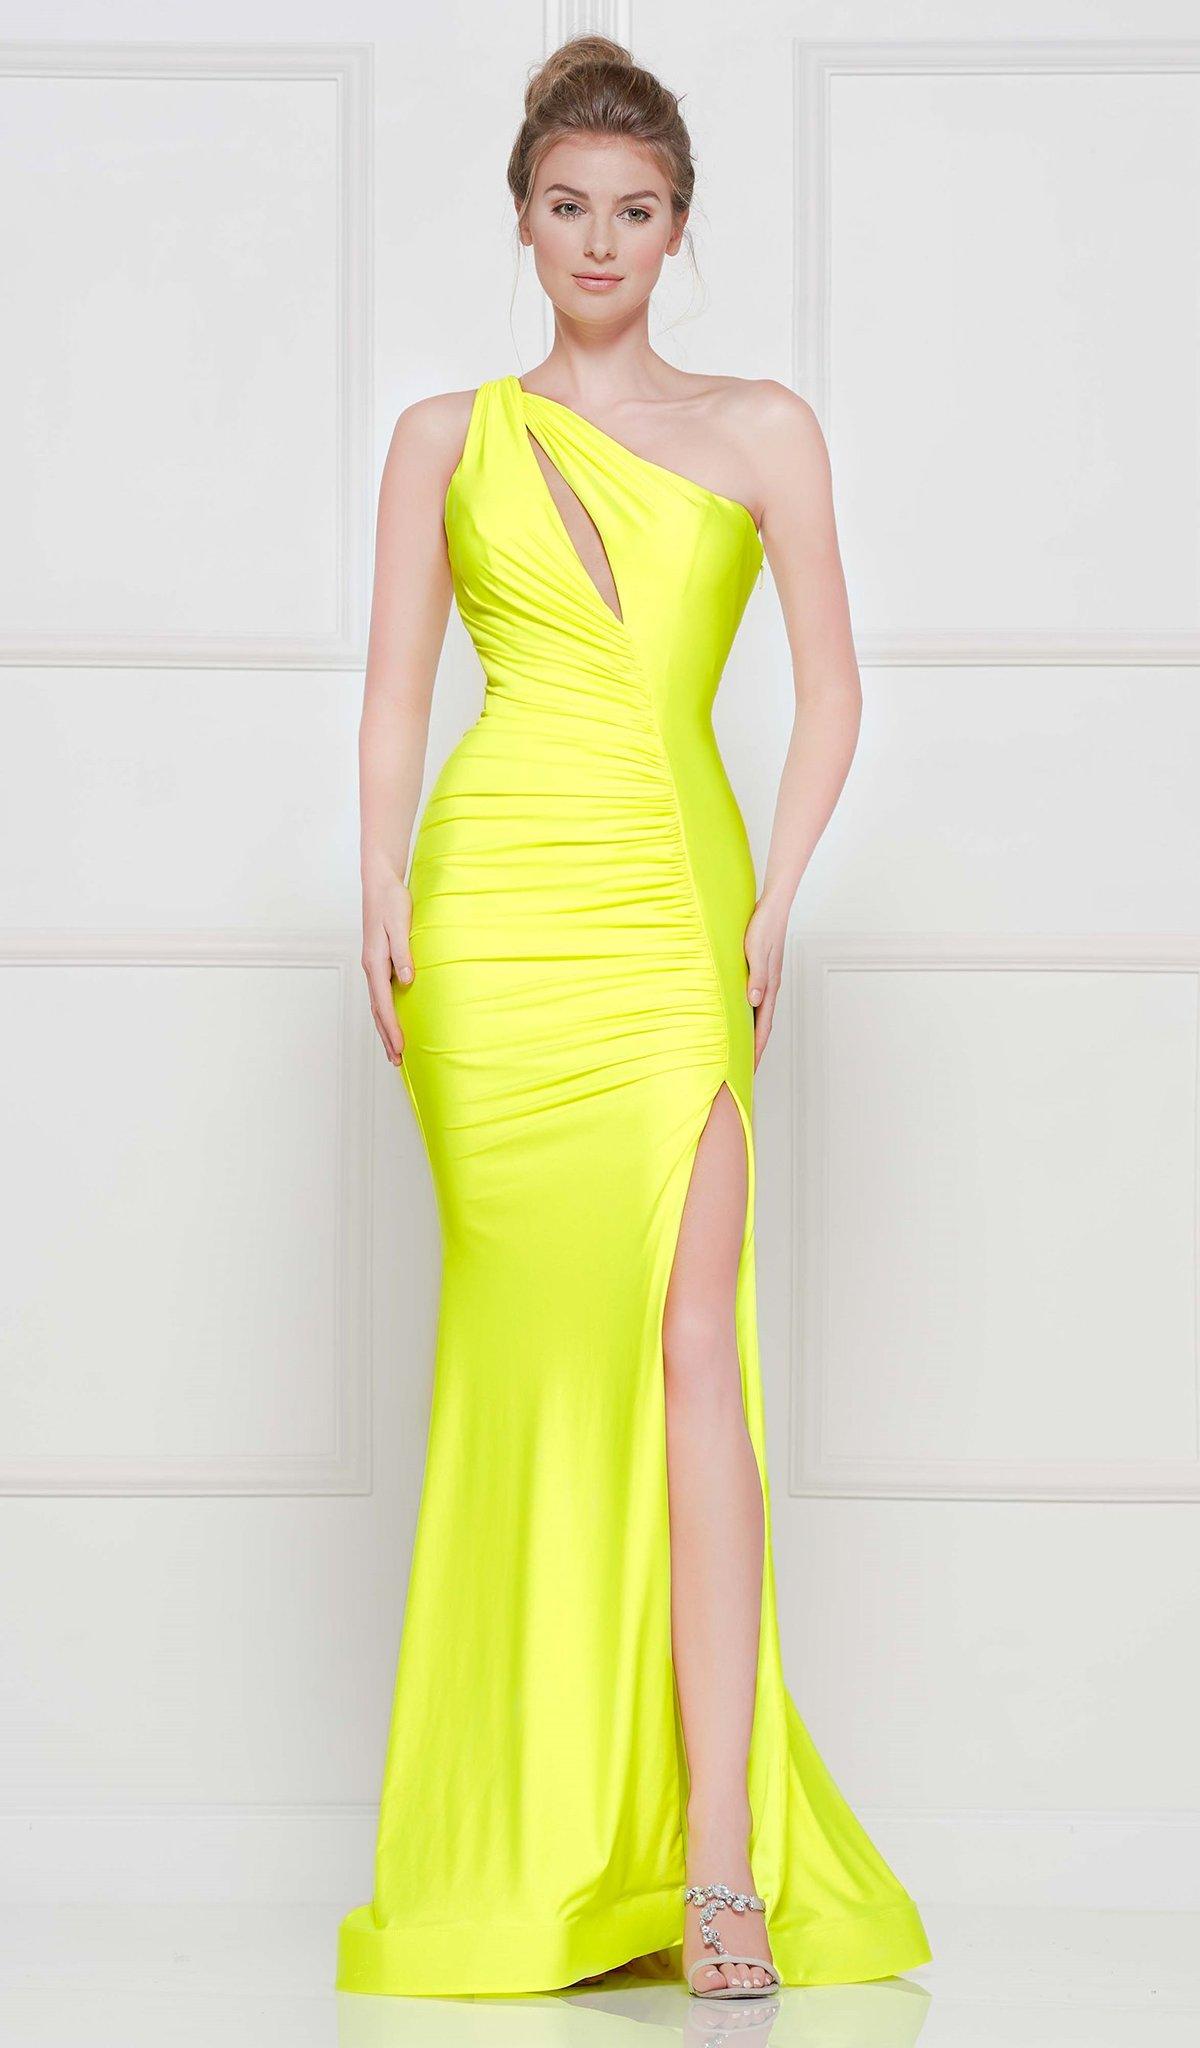 Colors Dress - 2101 One Shoulder Keyhole Cutout High Slit Satin Gown